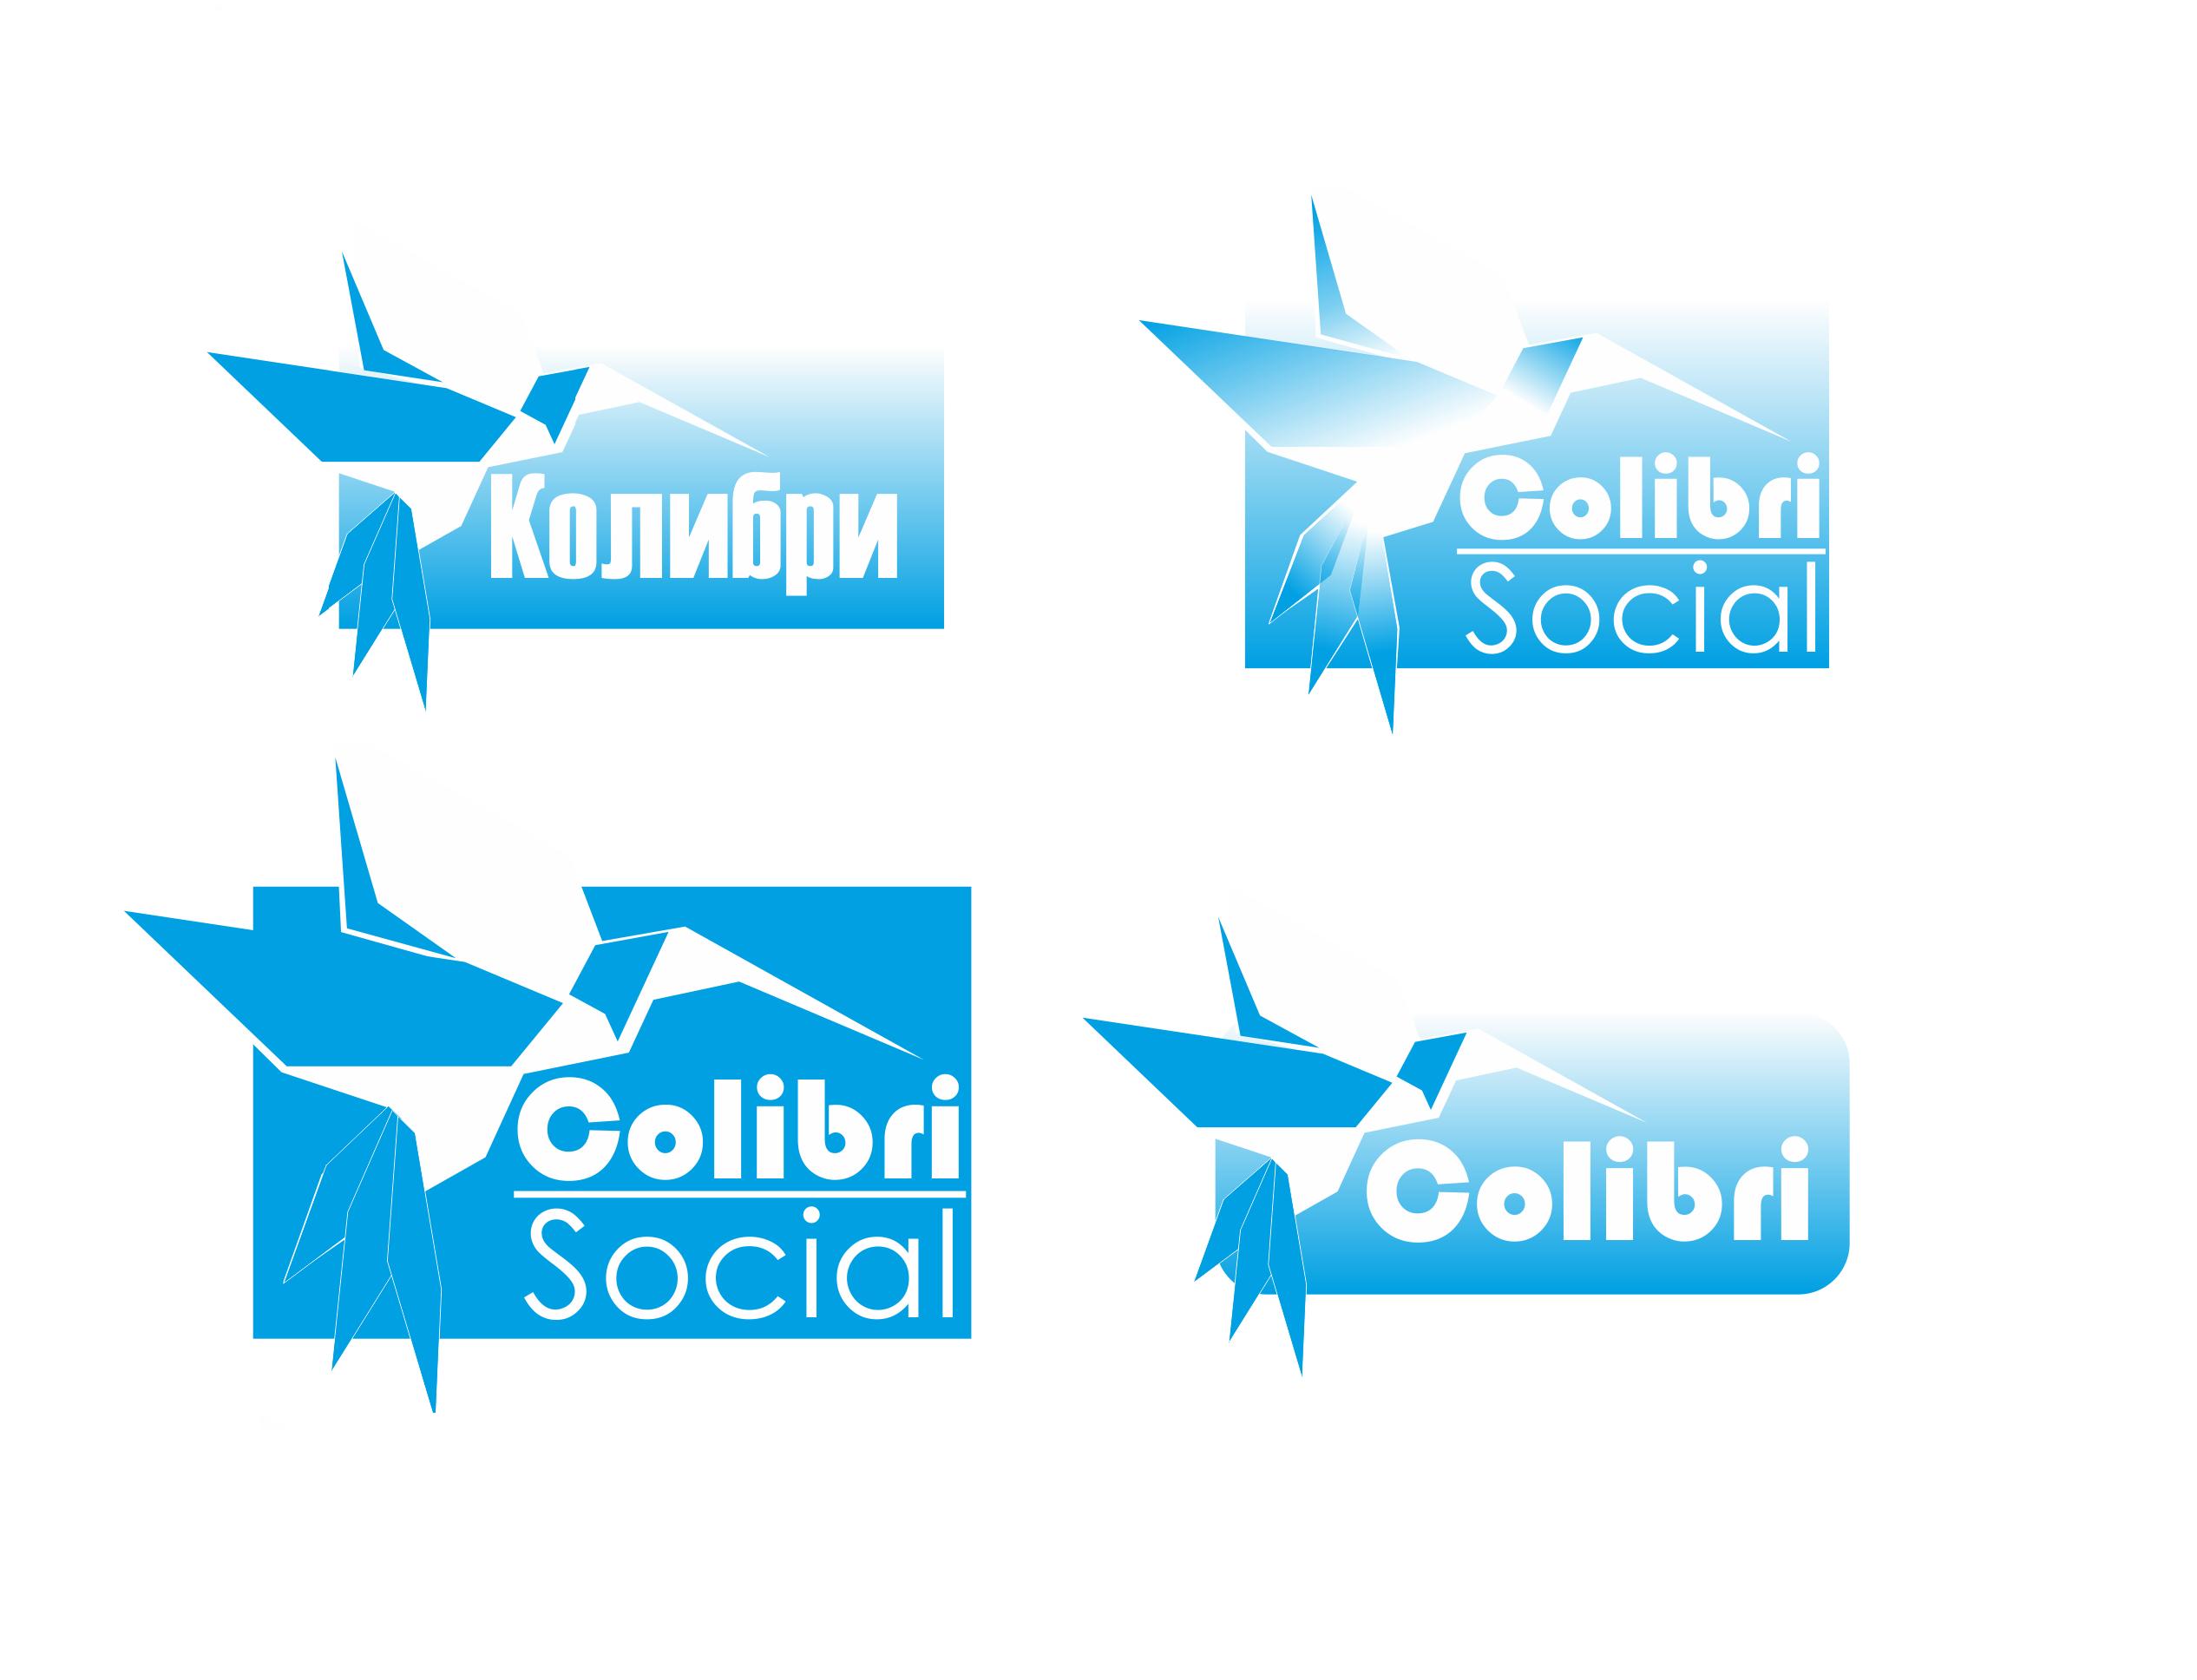 Дизайнер, разработка логотипа компании фото f_890557f11f84e180.png